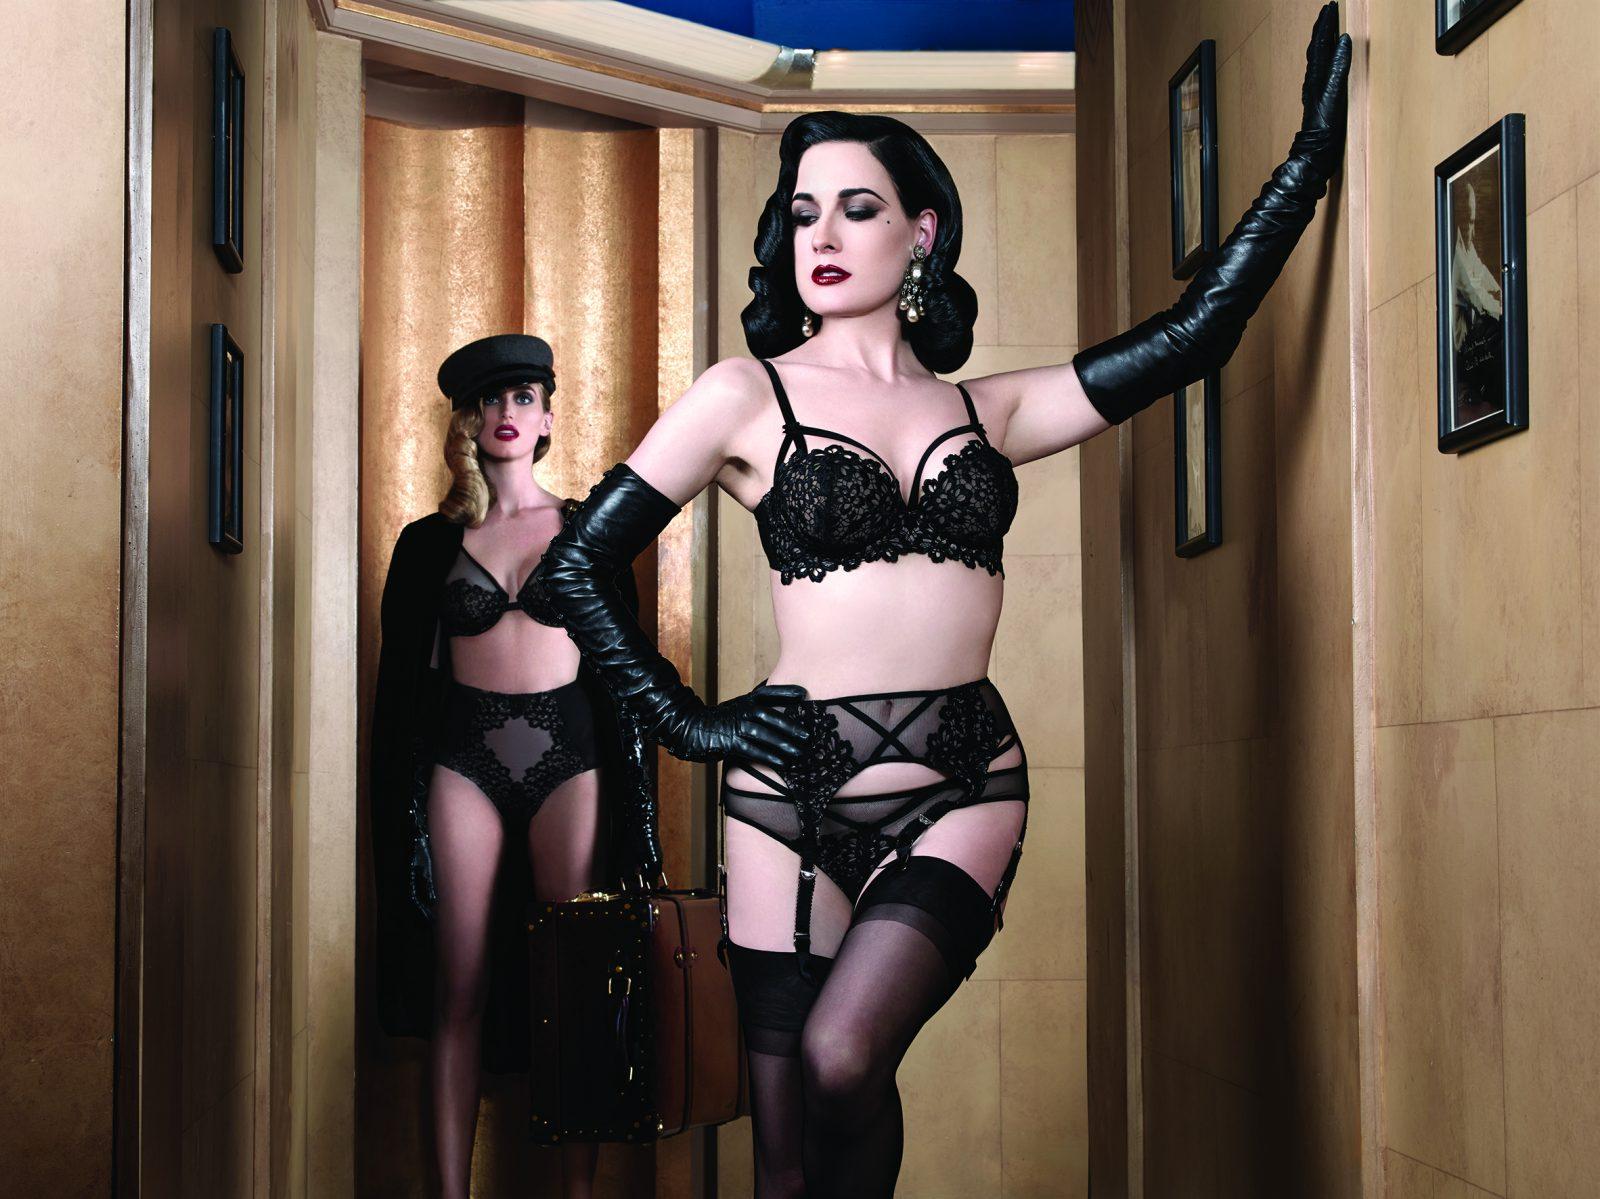 Строгая госпожа и её раб смотреть онлайн, Госпожа порно, смотртеь жесткий секс с Госпожой видео 14 фотография